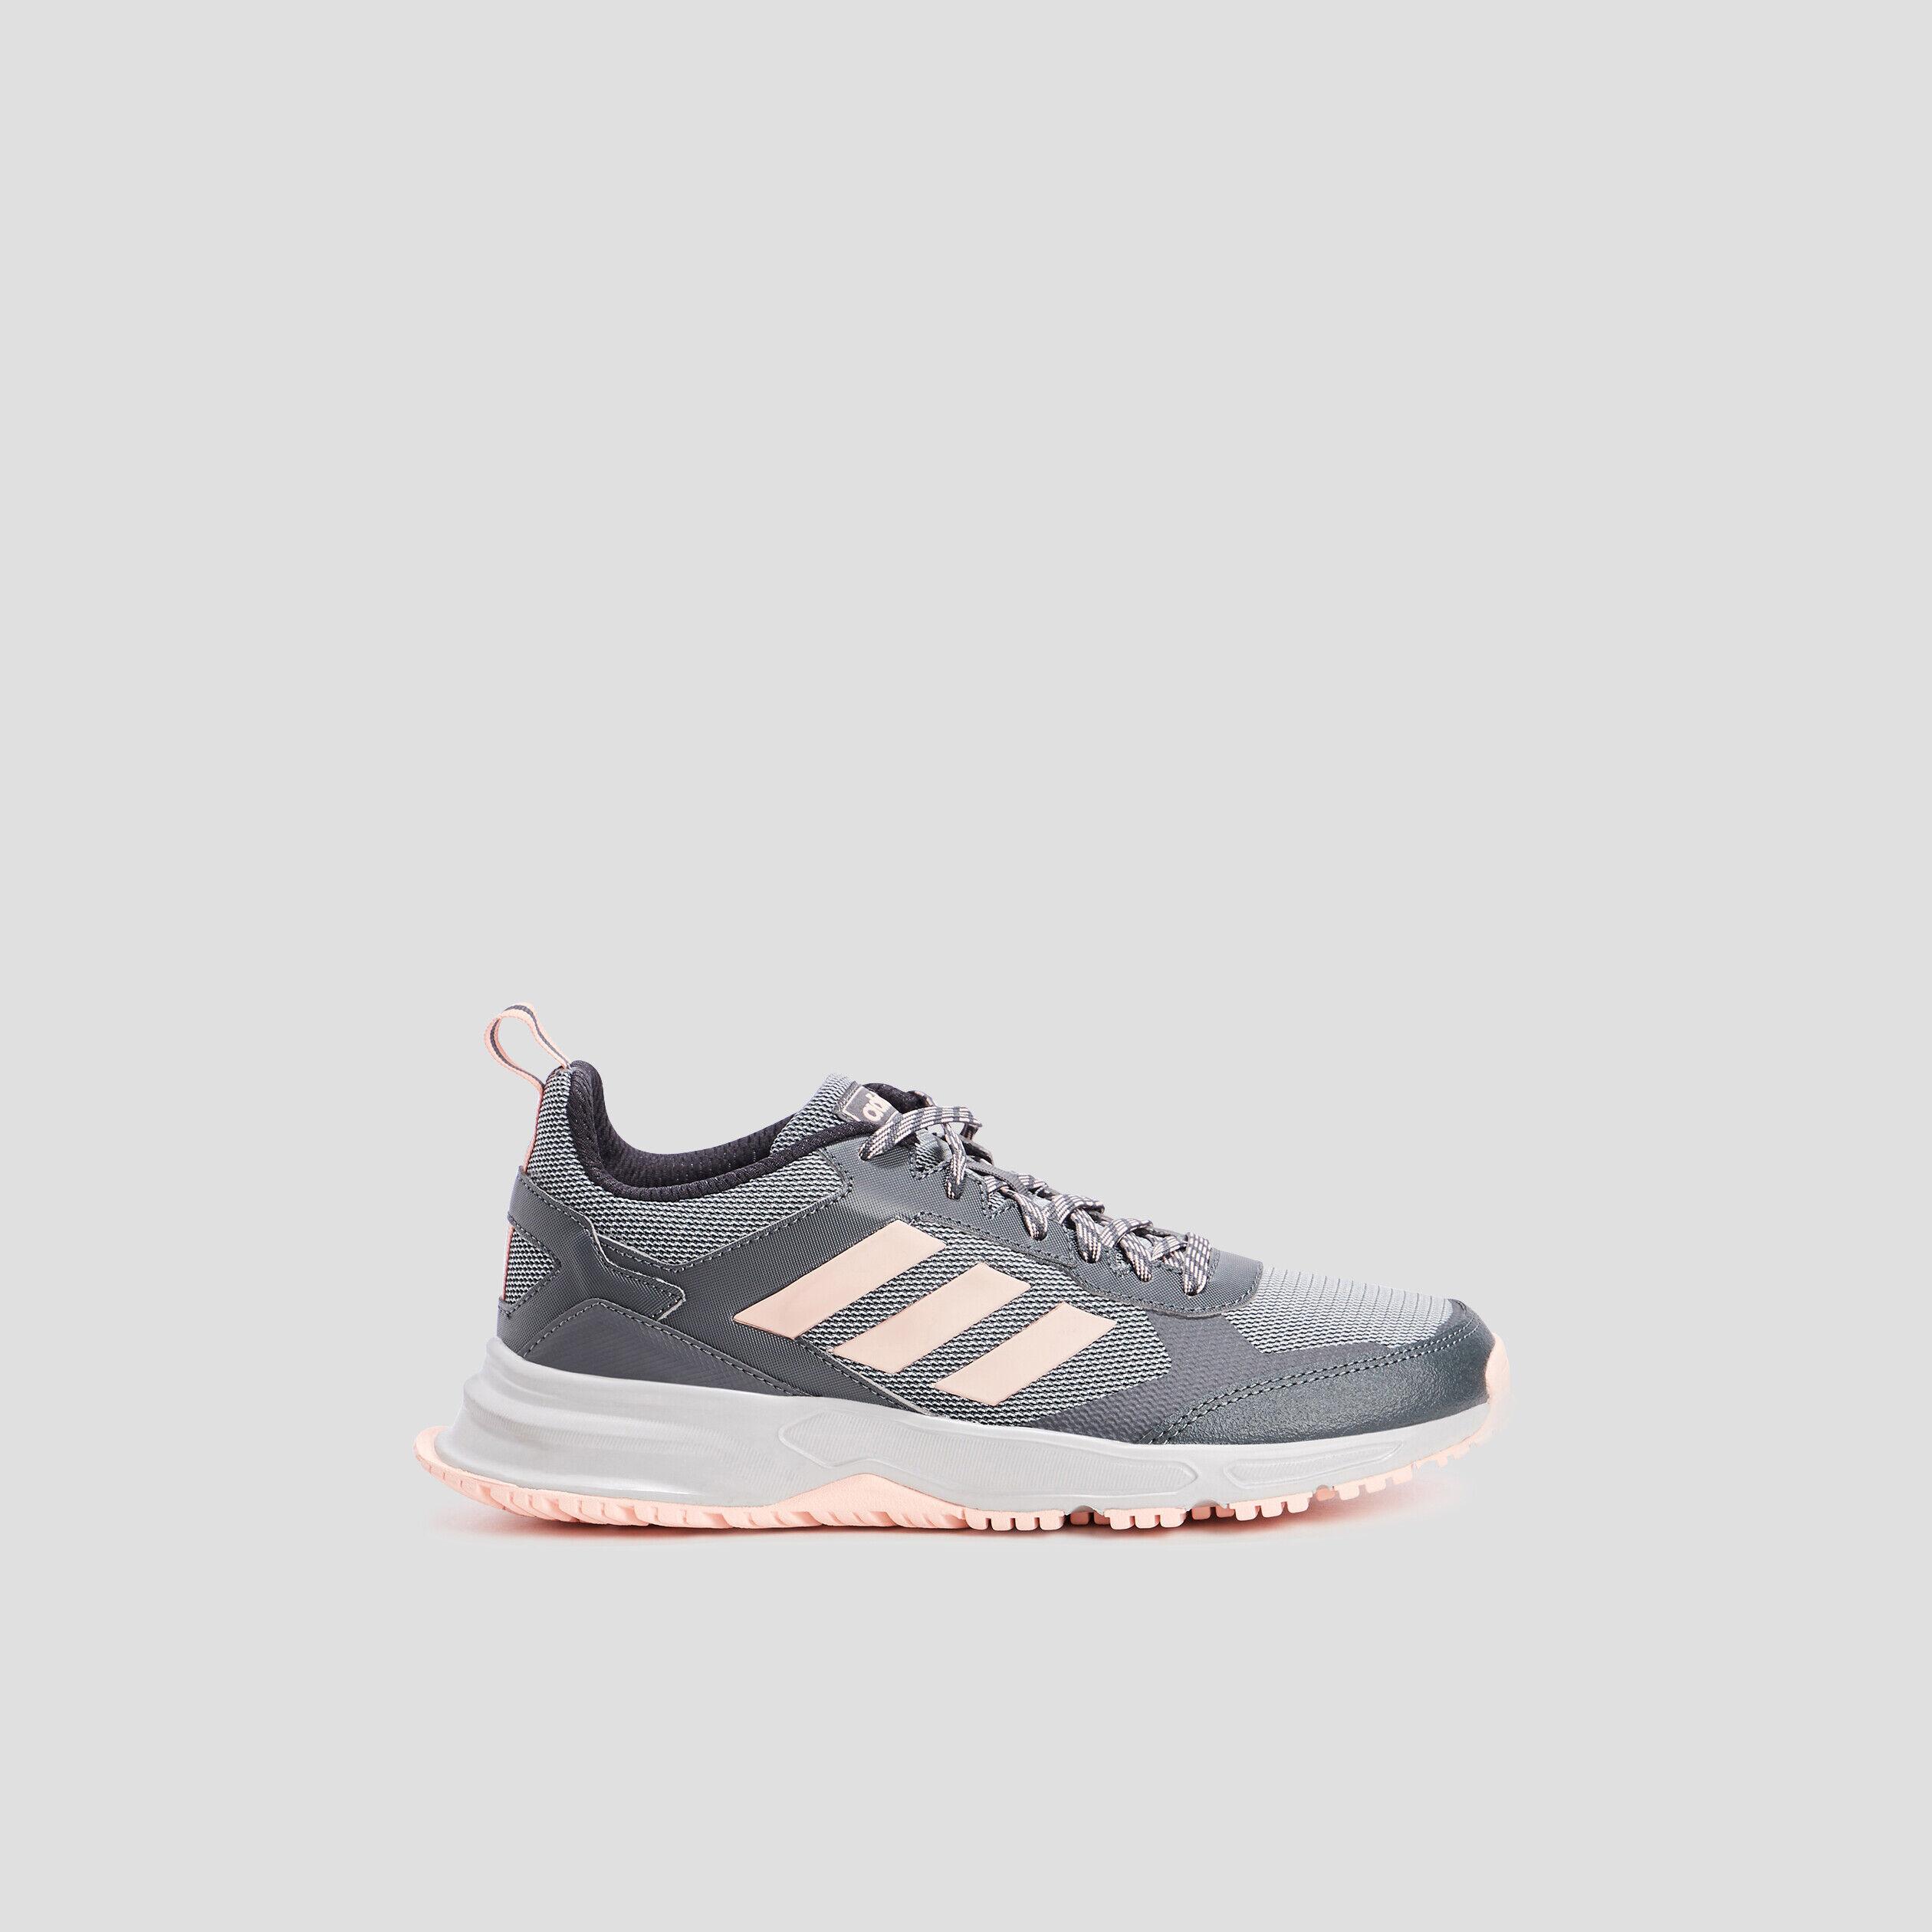 Chaussures ADIDAS femme pas chères   La Halle